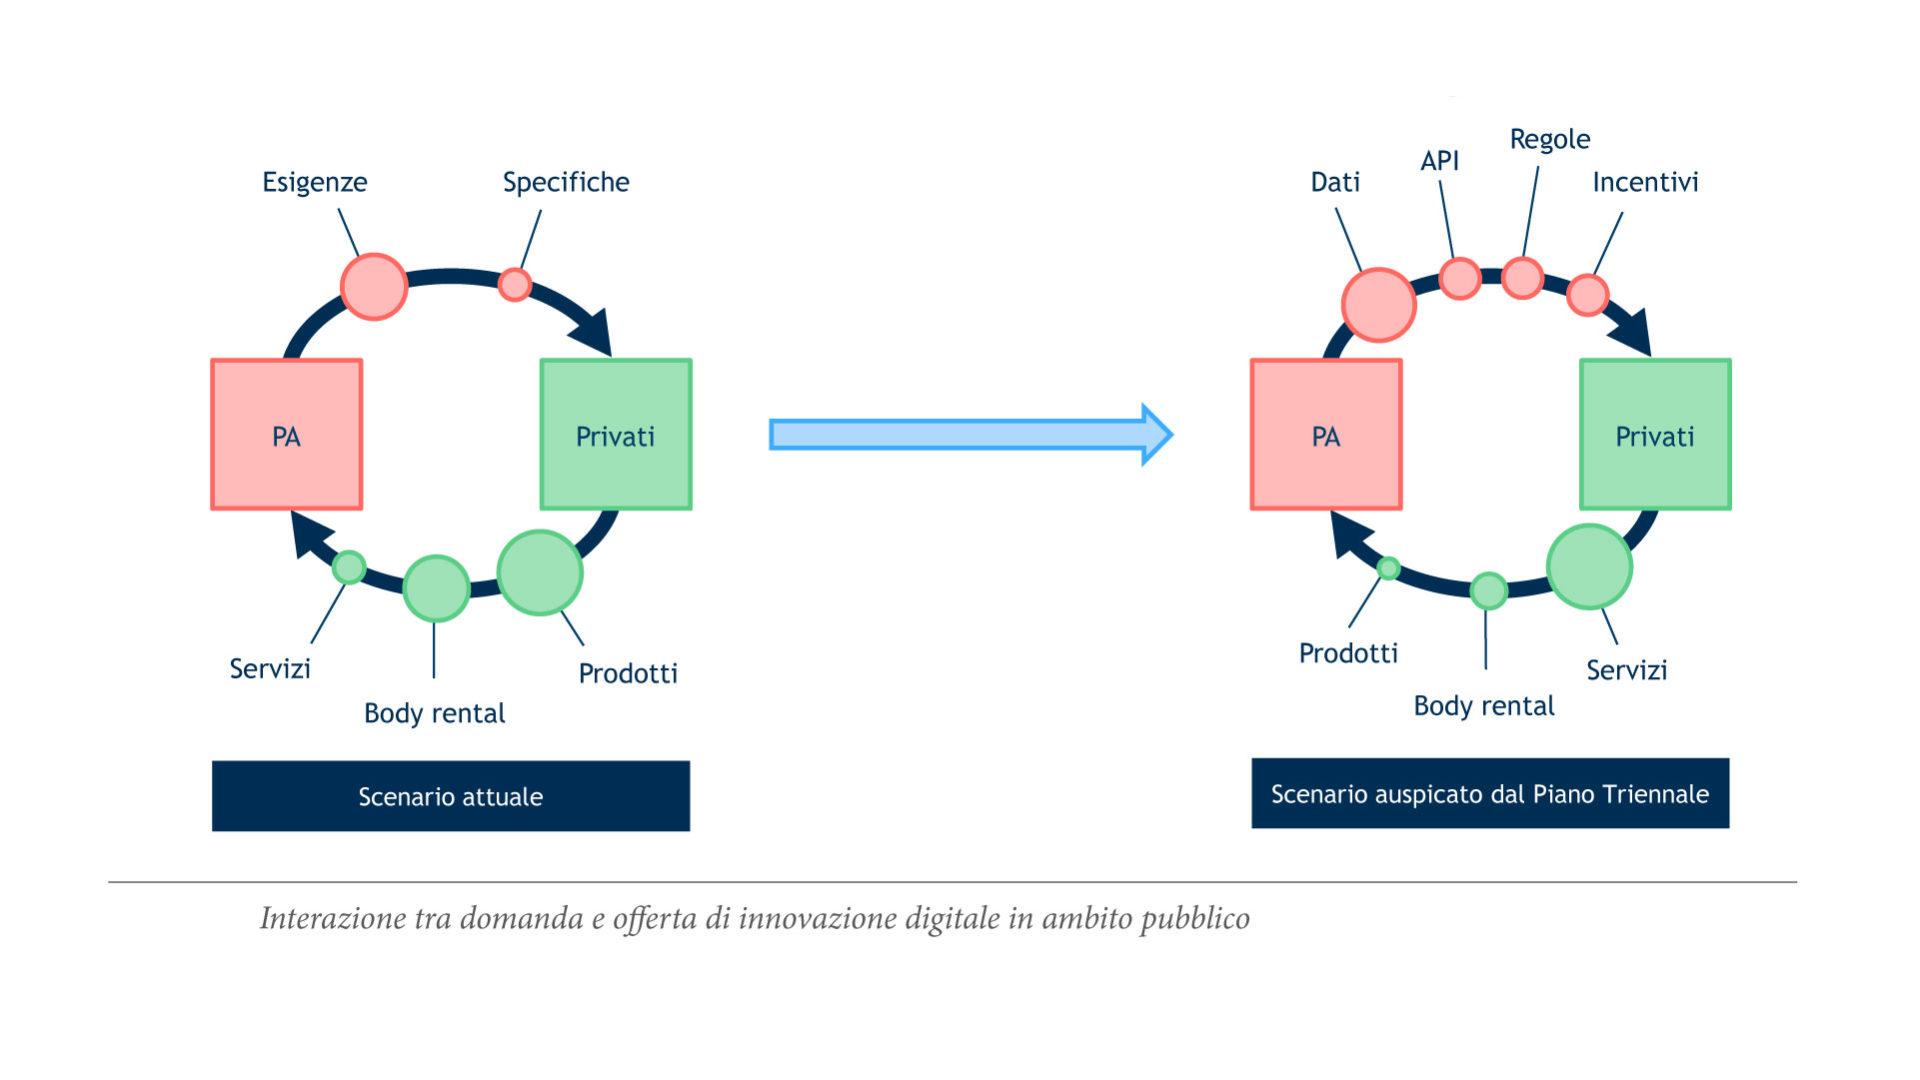 grafico che mostra l'Evoluzione dell'interazione fra domanda pubblica e offerta privata di innovazione digitale